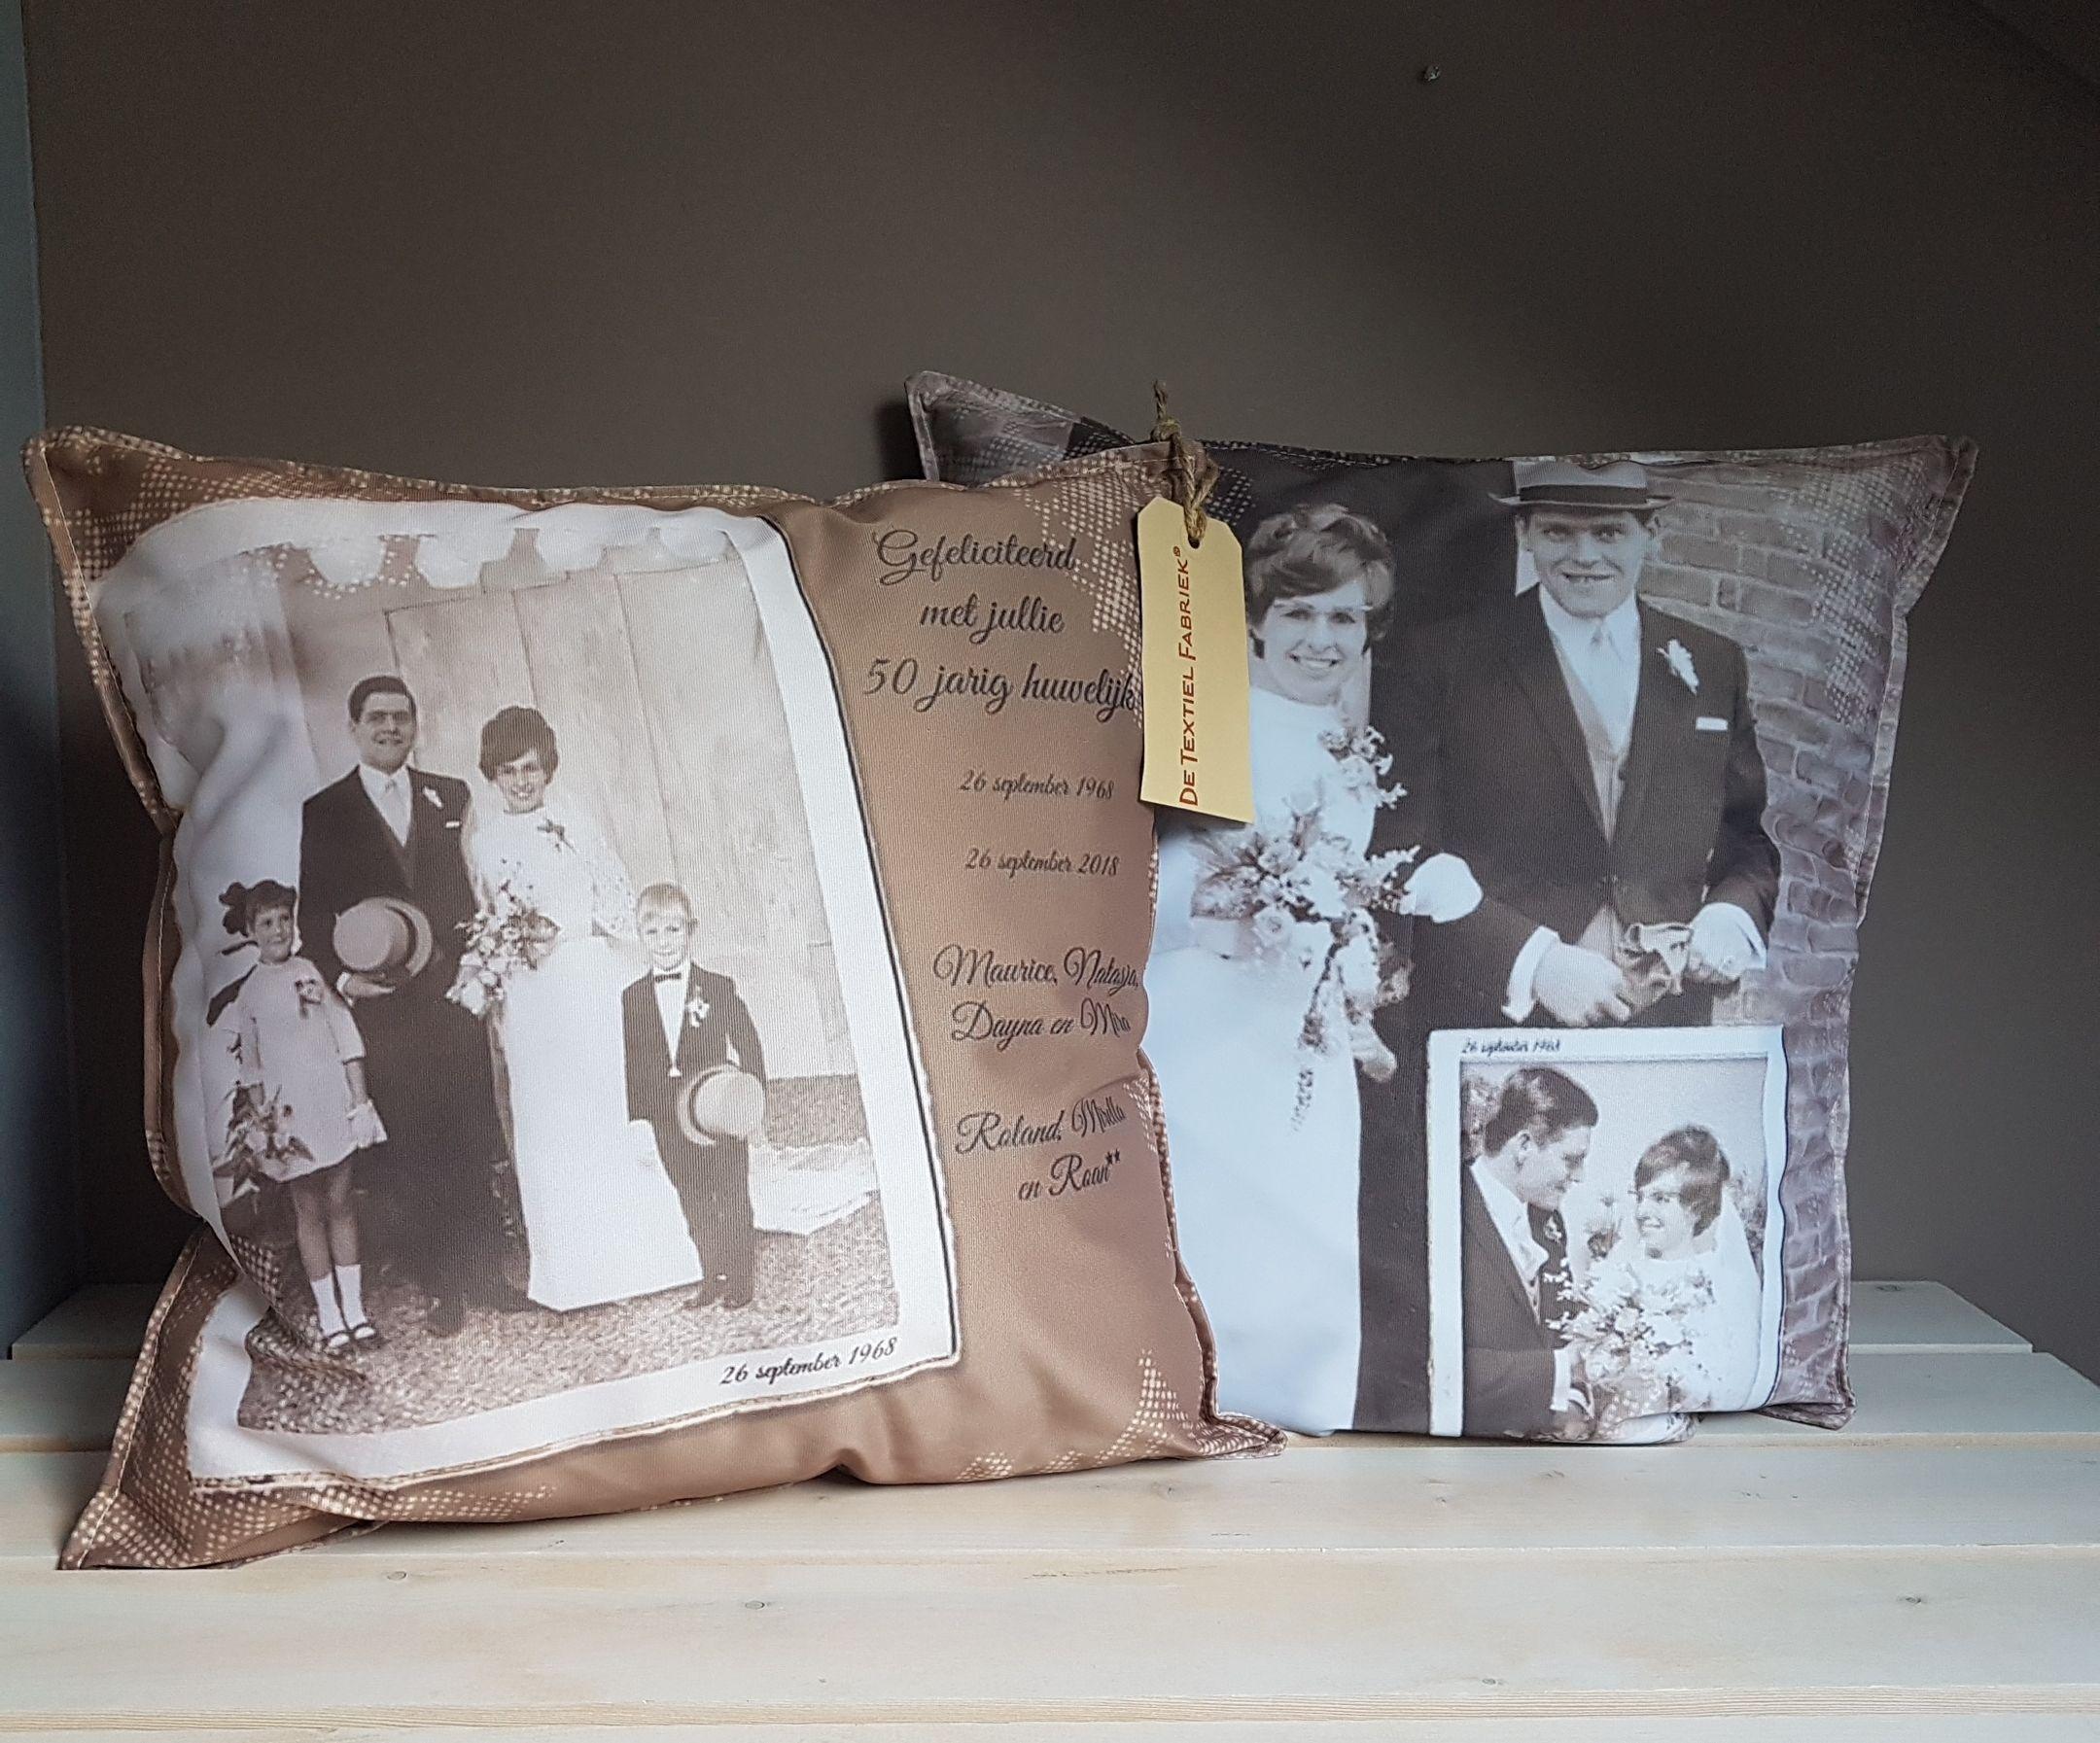 Hedendaags Textielposters unieke wanddecoratie | 40-jarig huwelijk, 50-jarig PI-33